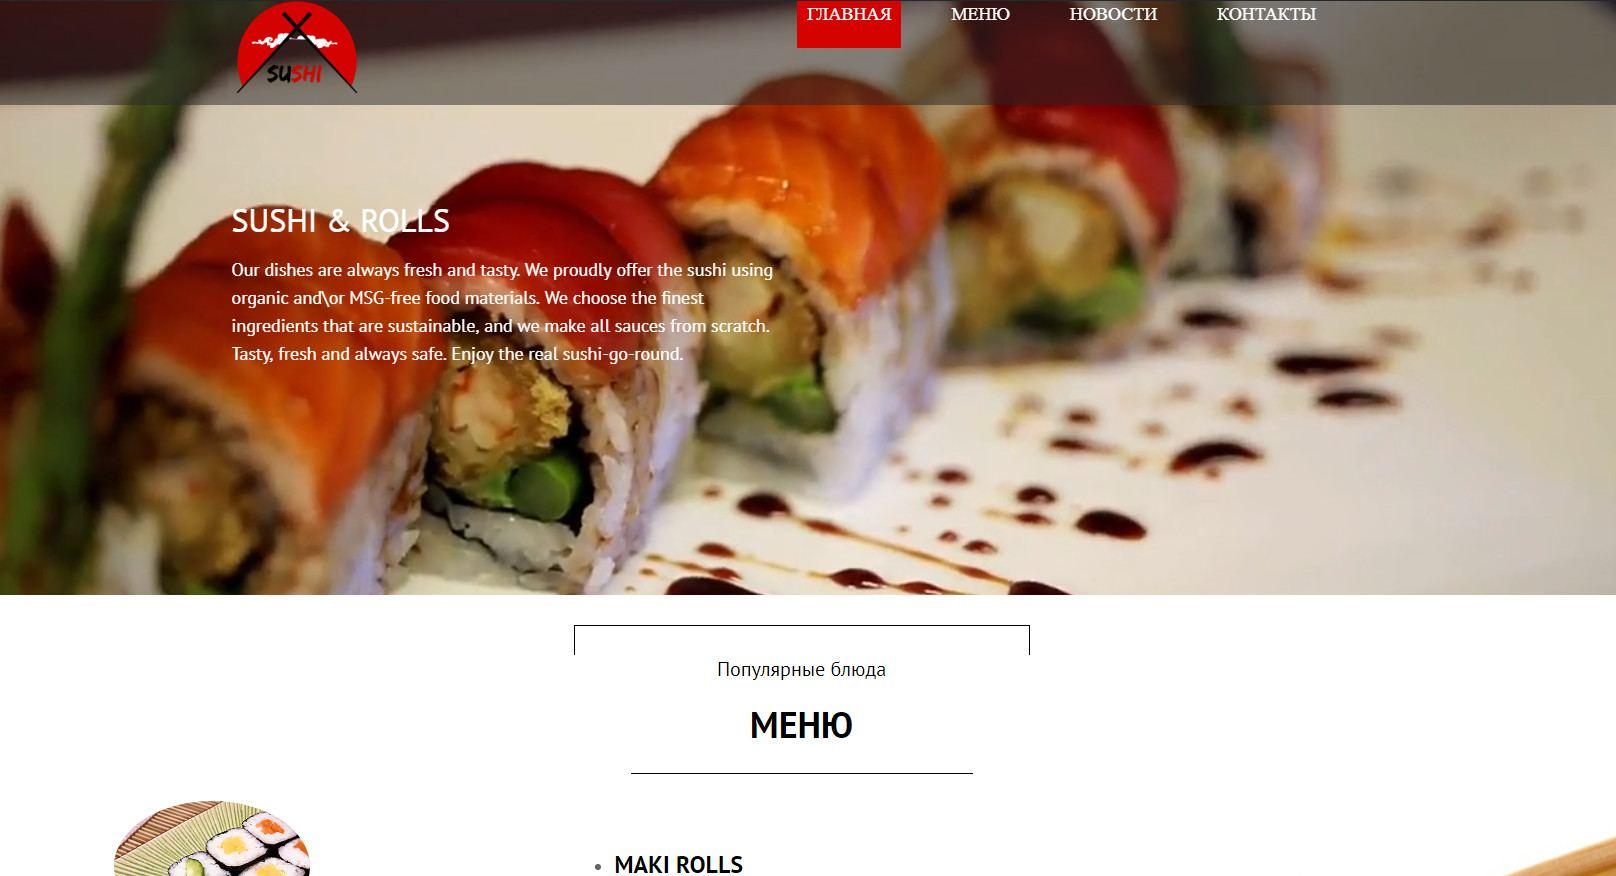 Сайт визитка для кафе или ресторана